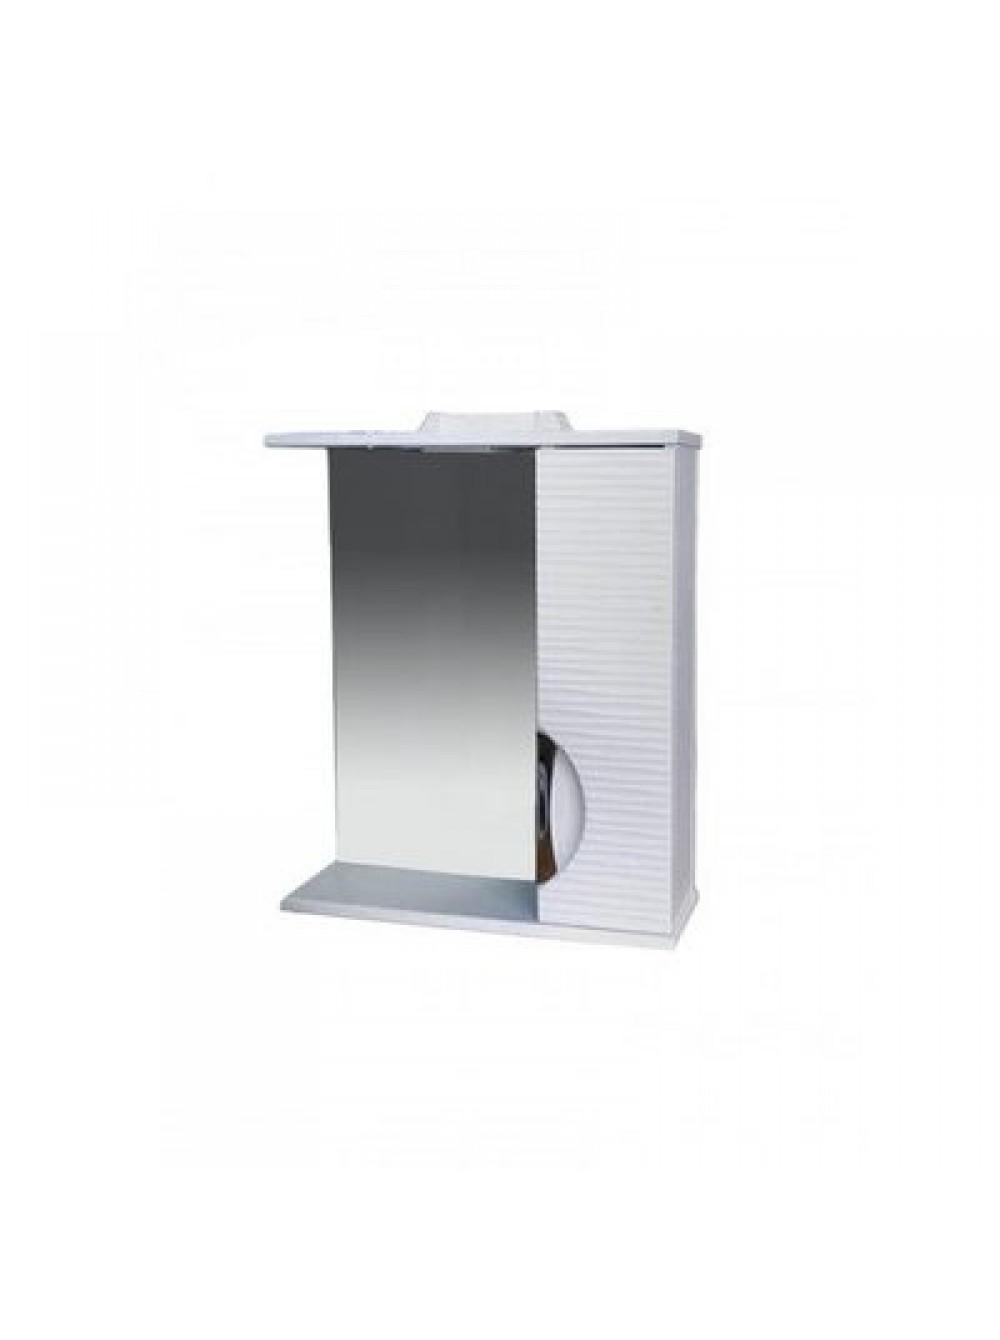 Зеркало-шкаф Джульетта-60 3D Волна (белый) ЛЕВЫЙ 600х650х150 СТК